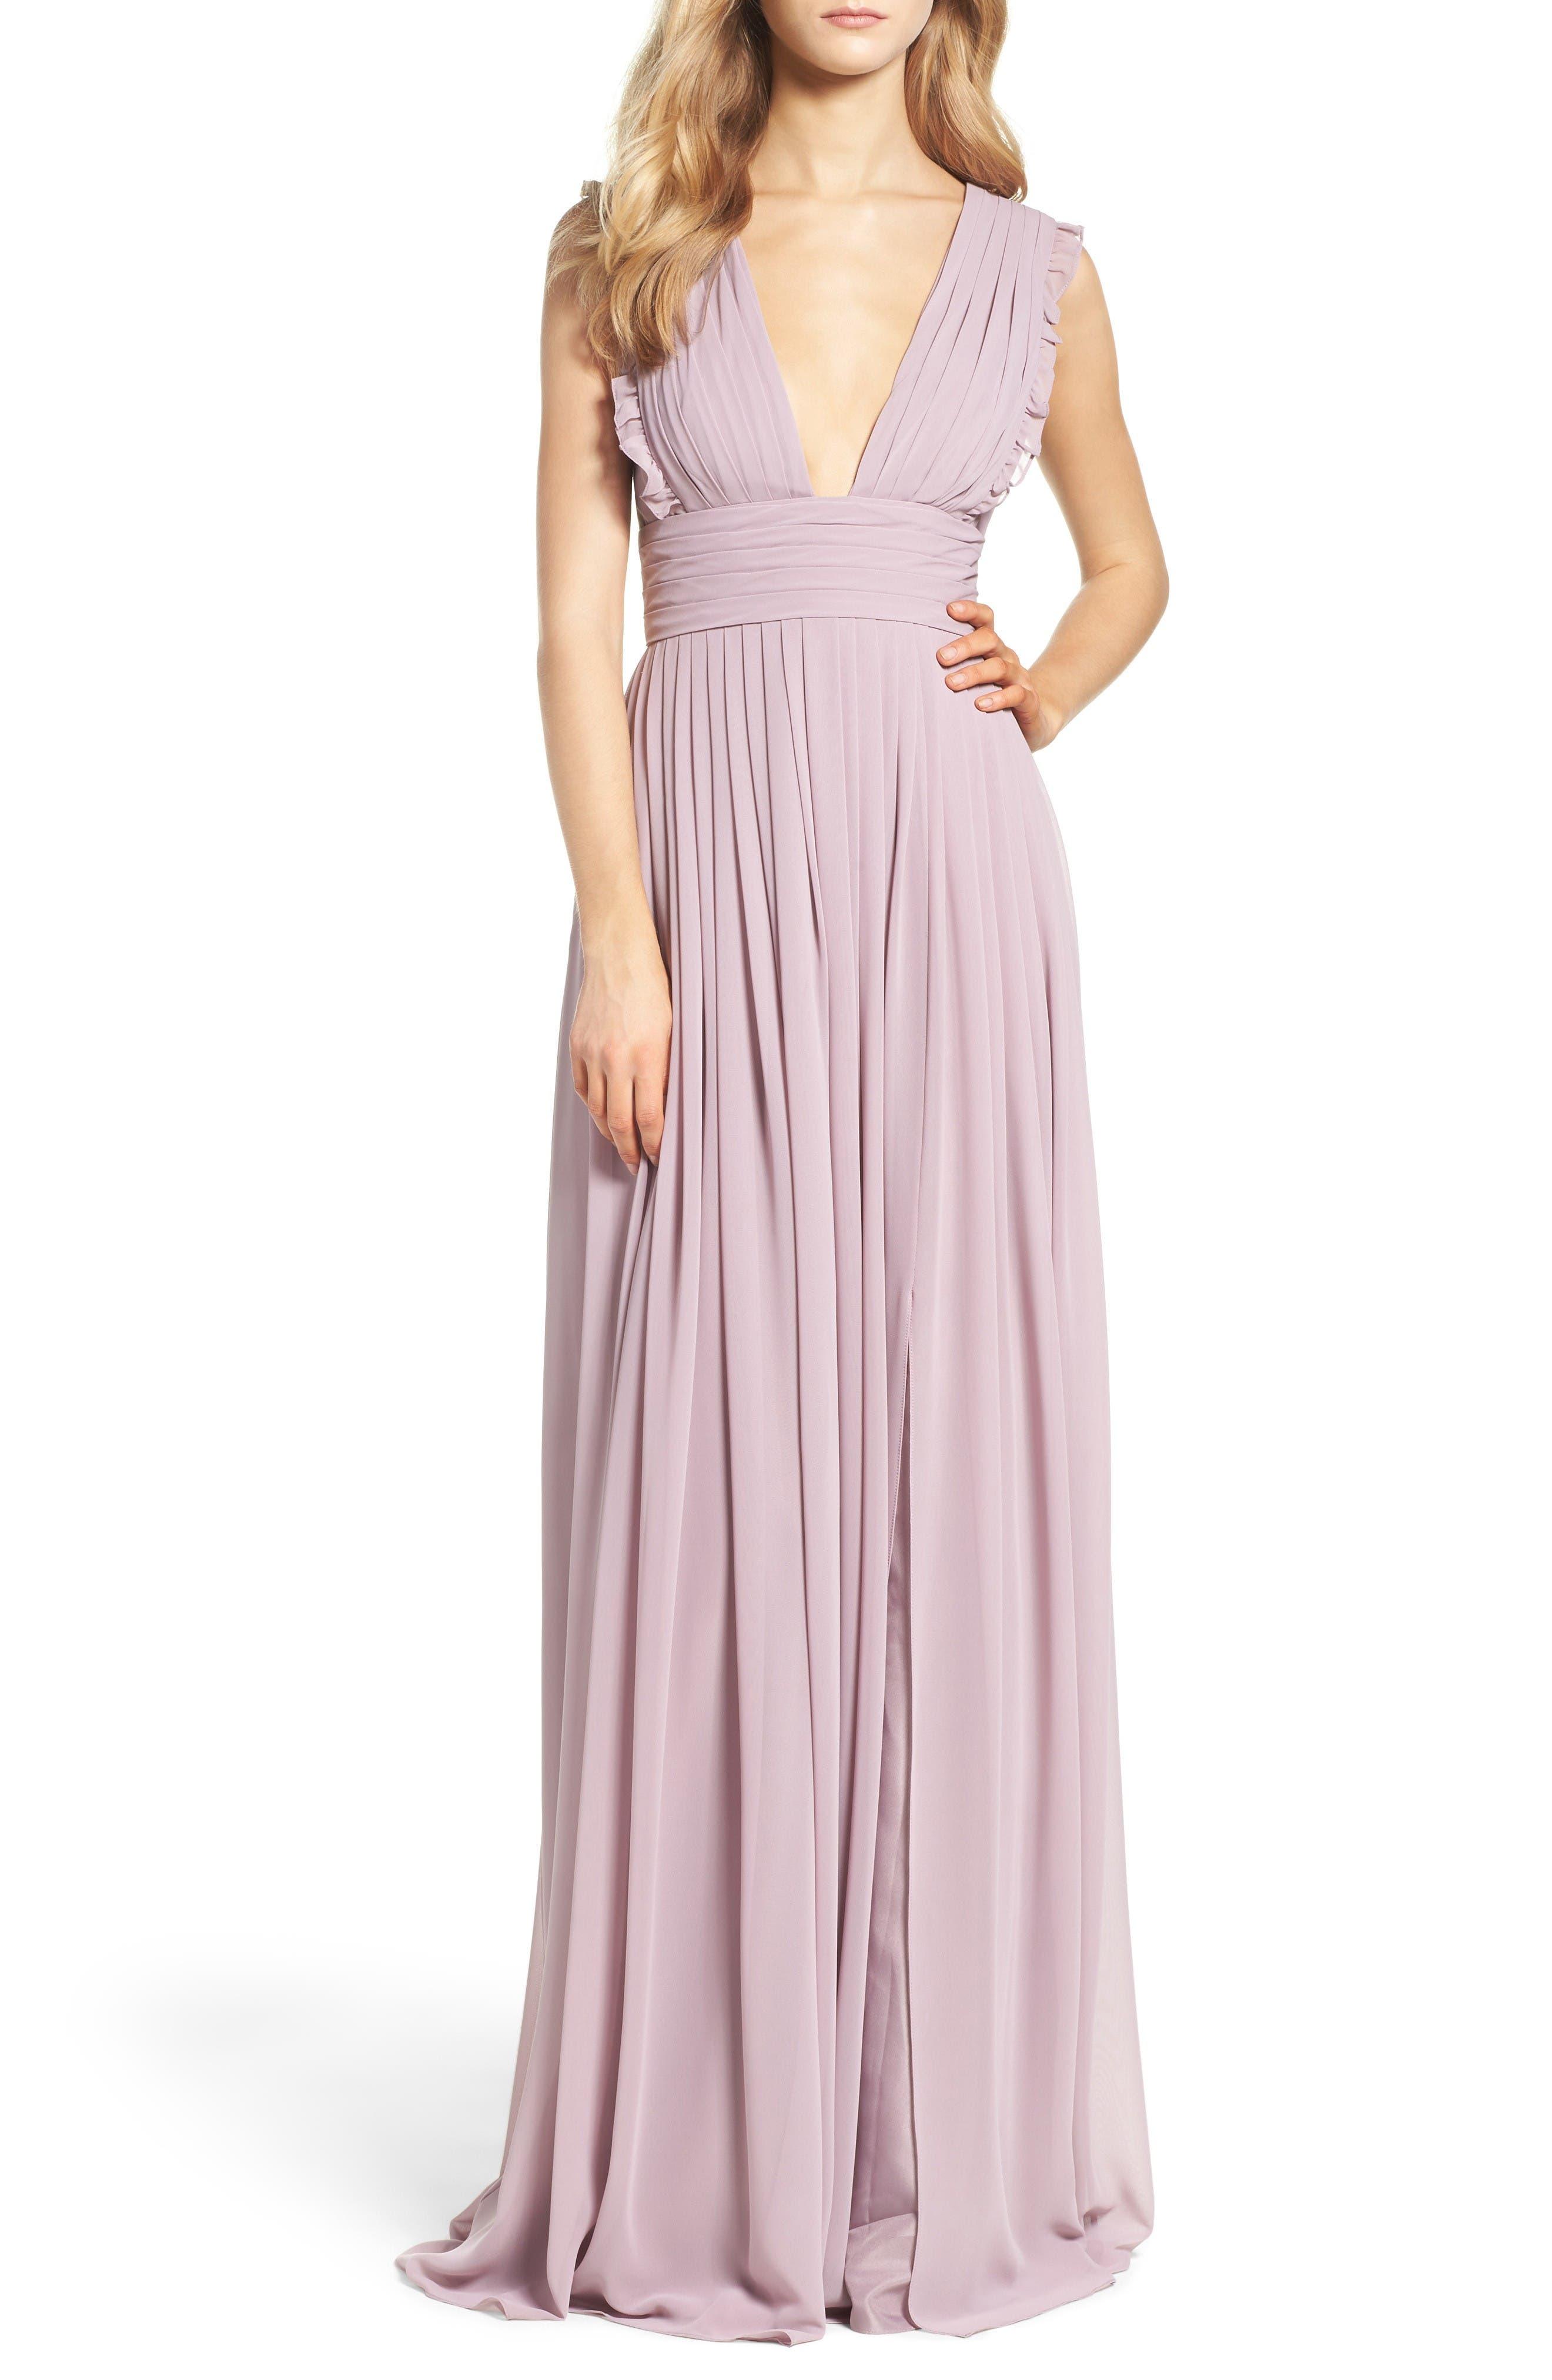 Monique Lhuillier Bridesmaids Deep V-Neck Ruffle Pleat Chiffon Gown